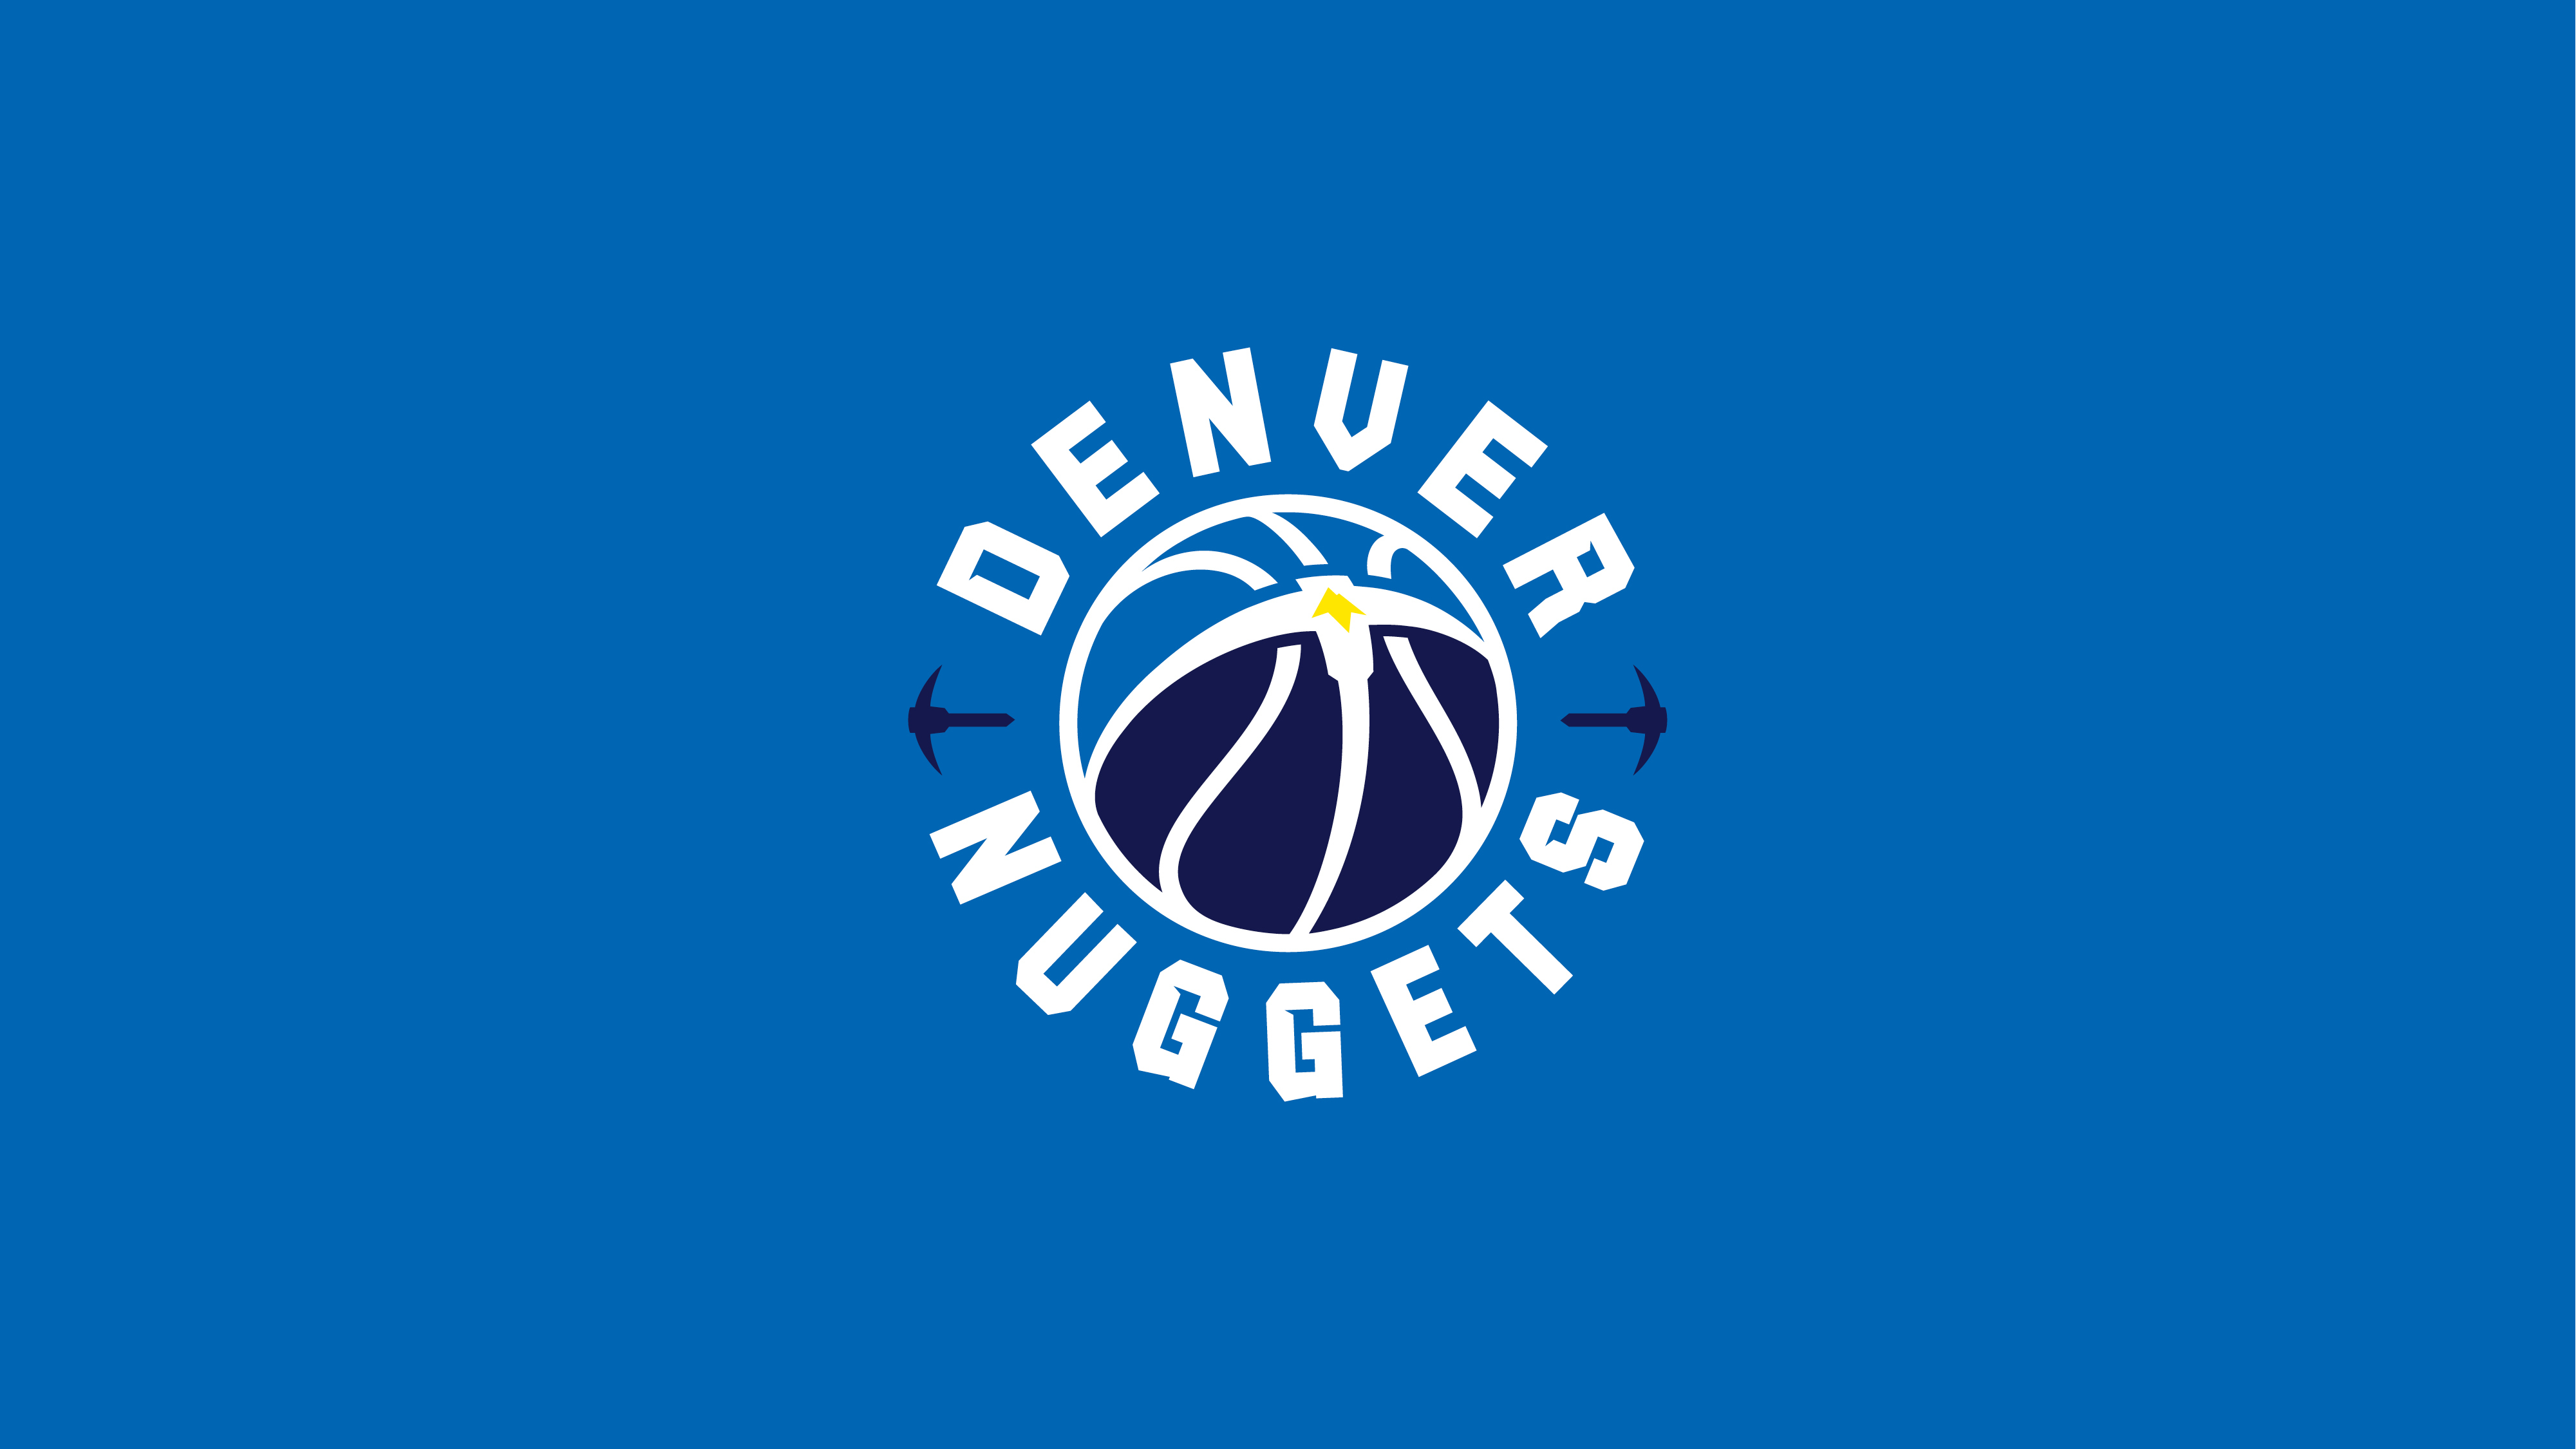 Denvernuggets designsystem2